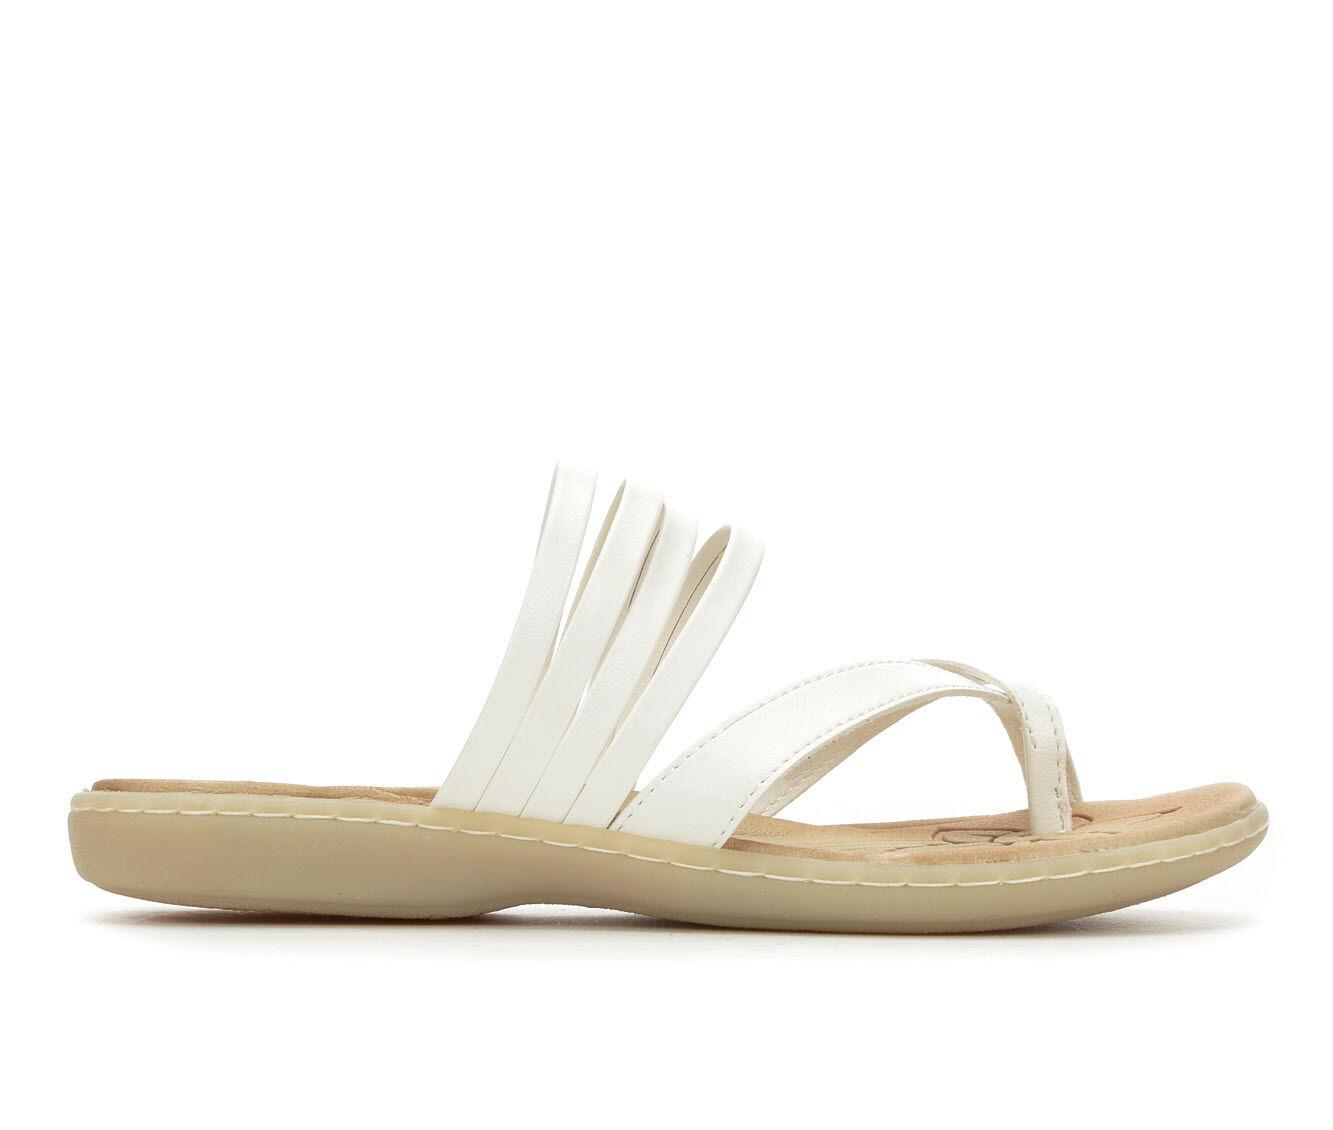 Women's B.O.C. Alisha Sandals White